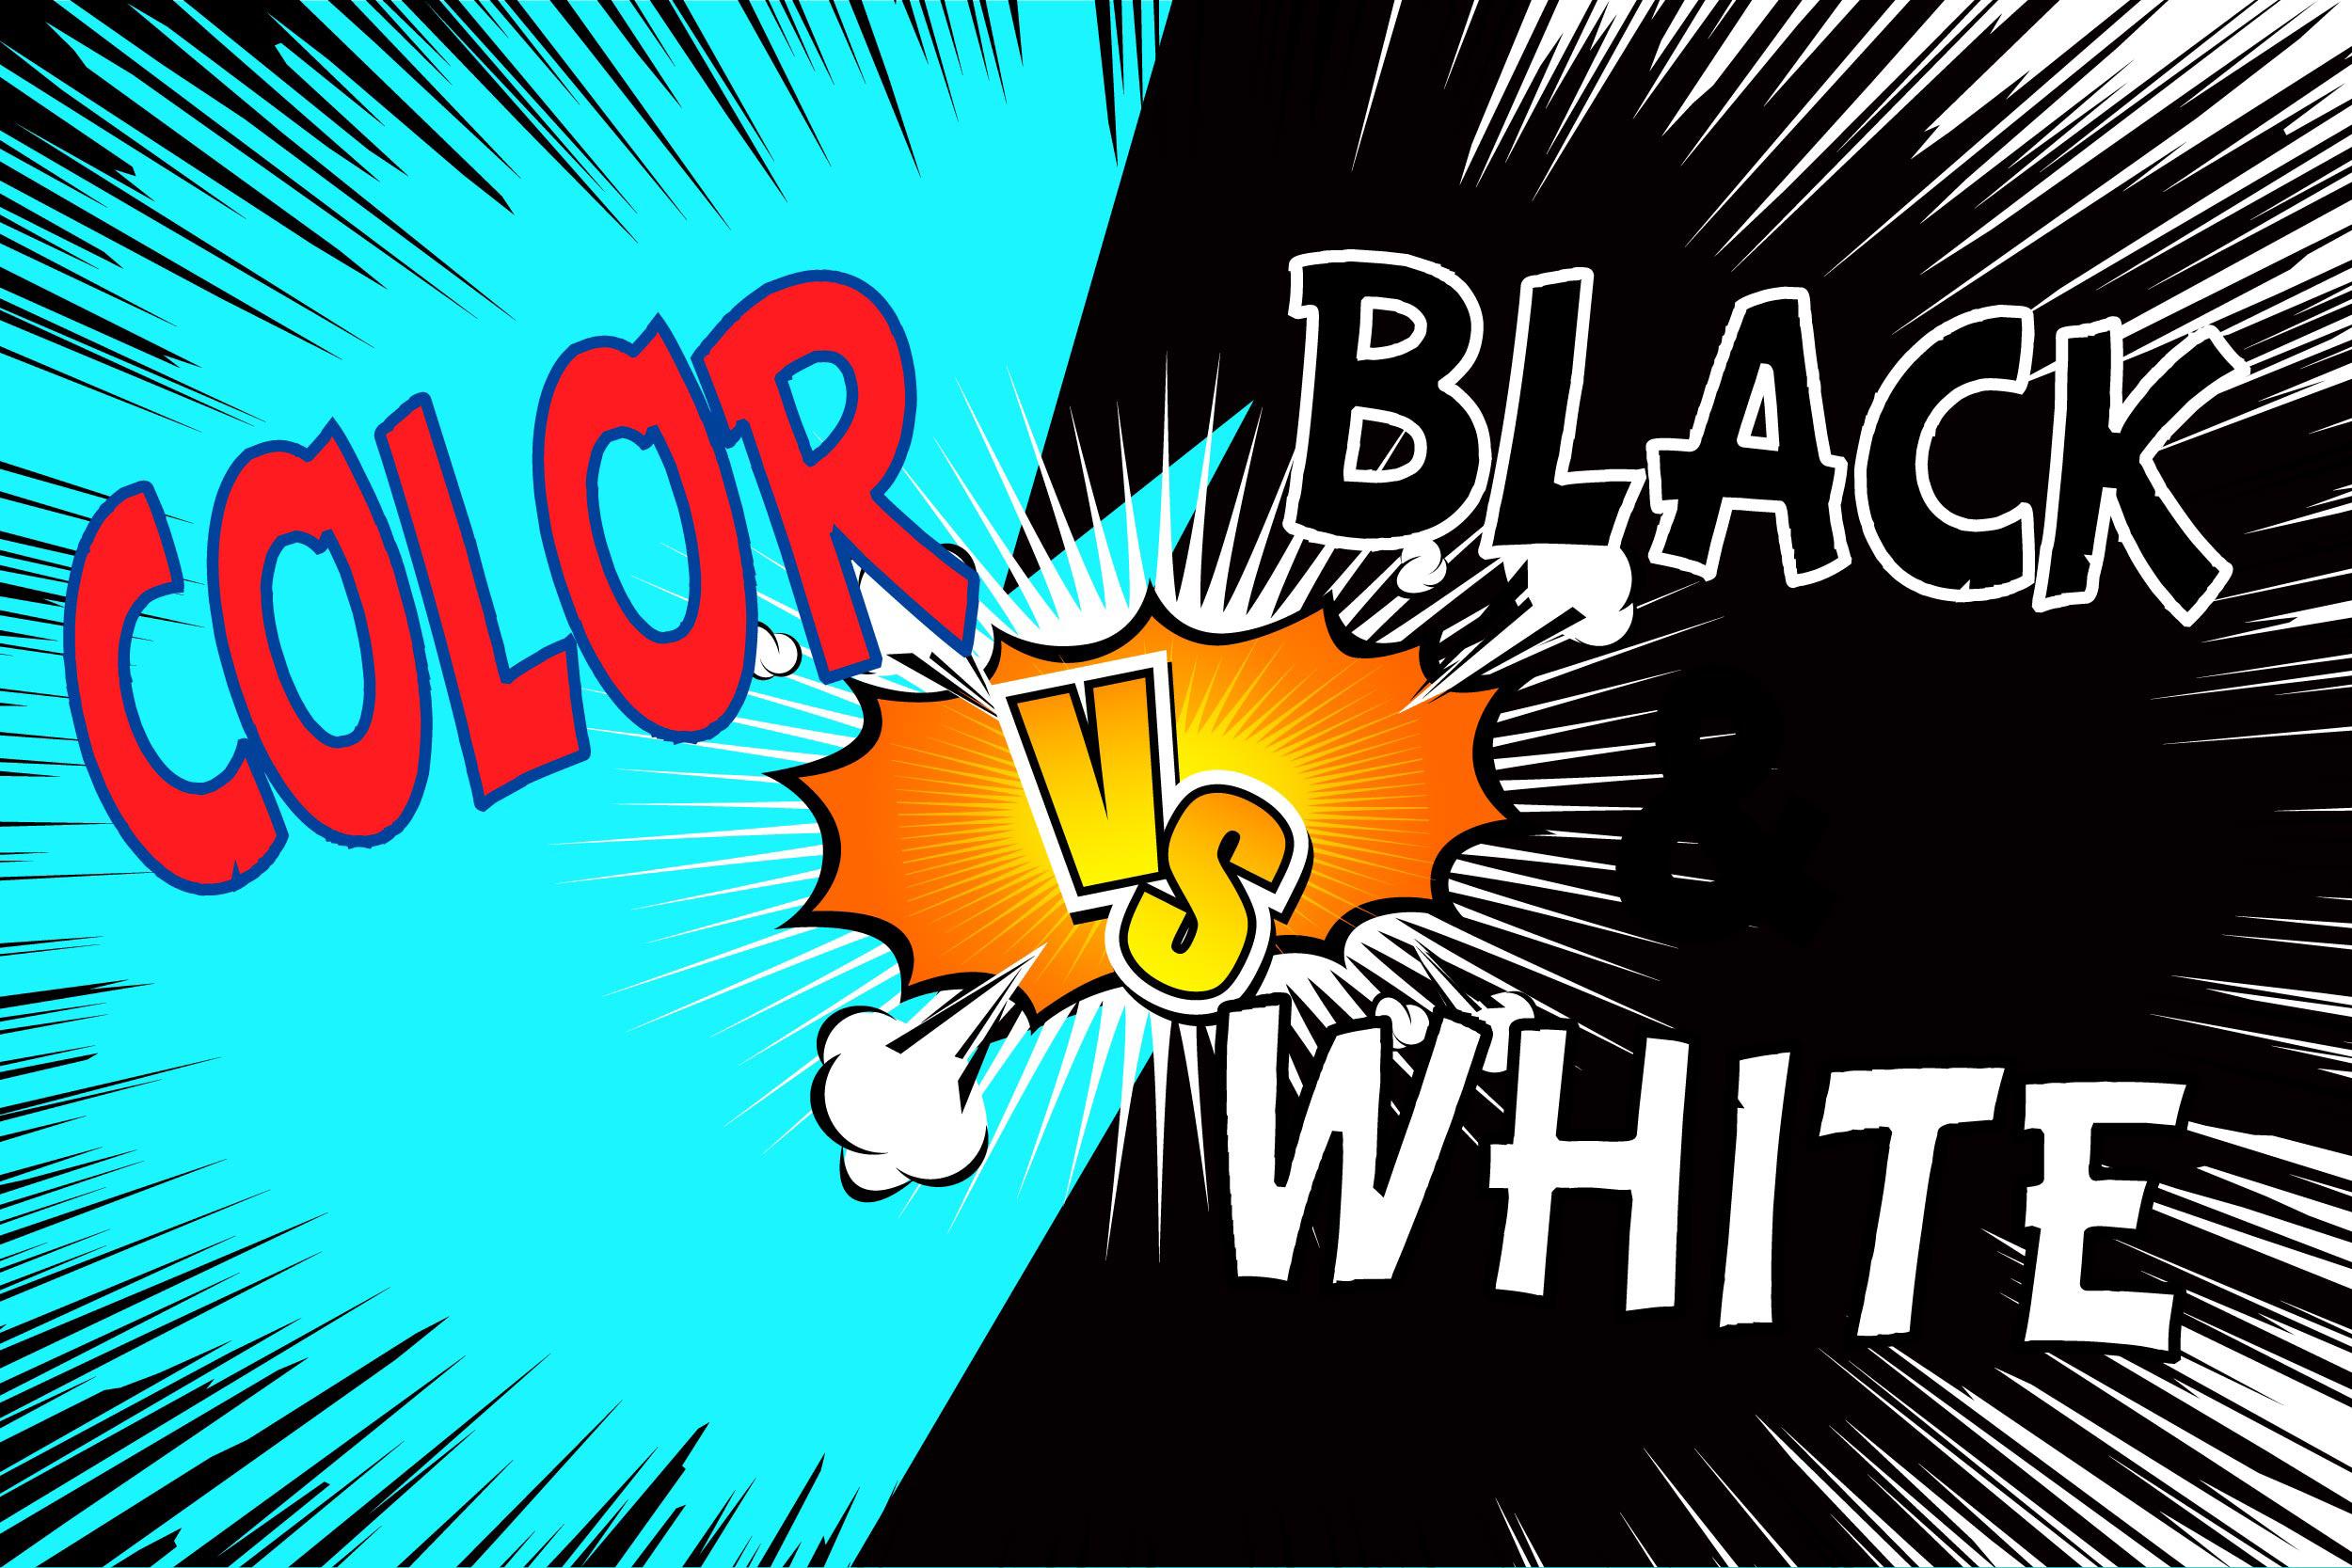 Color vs black and white comics